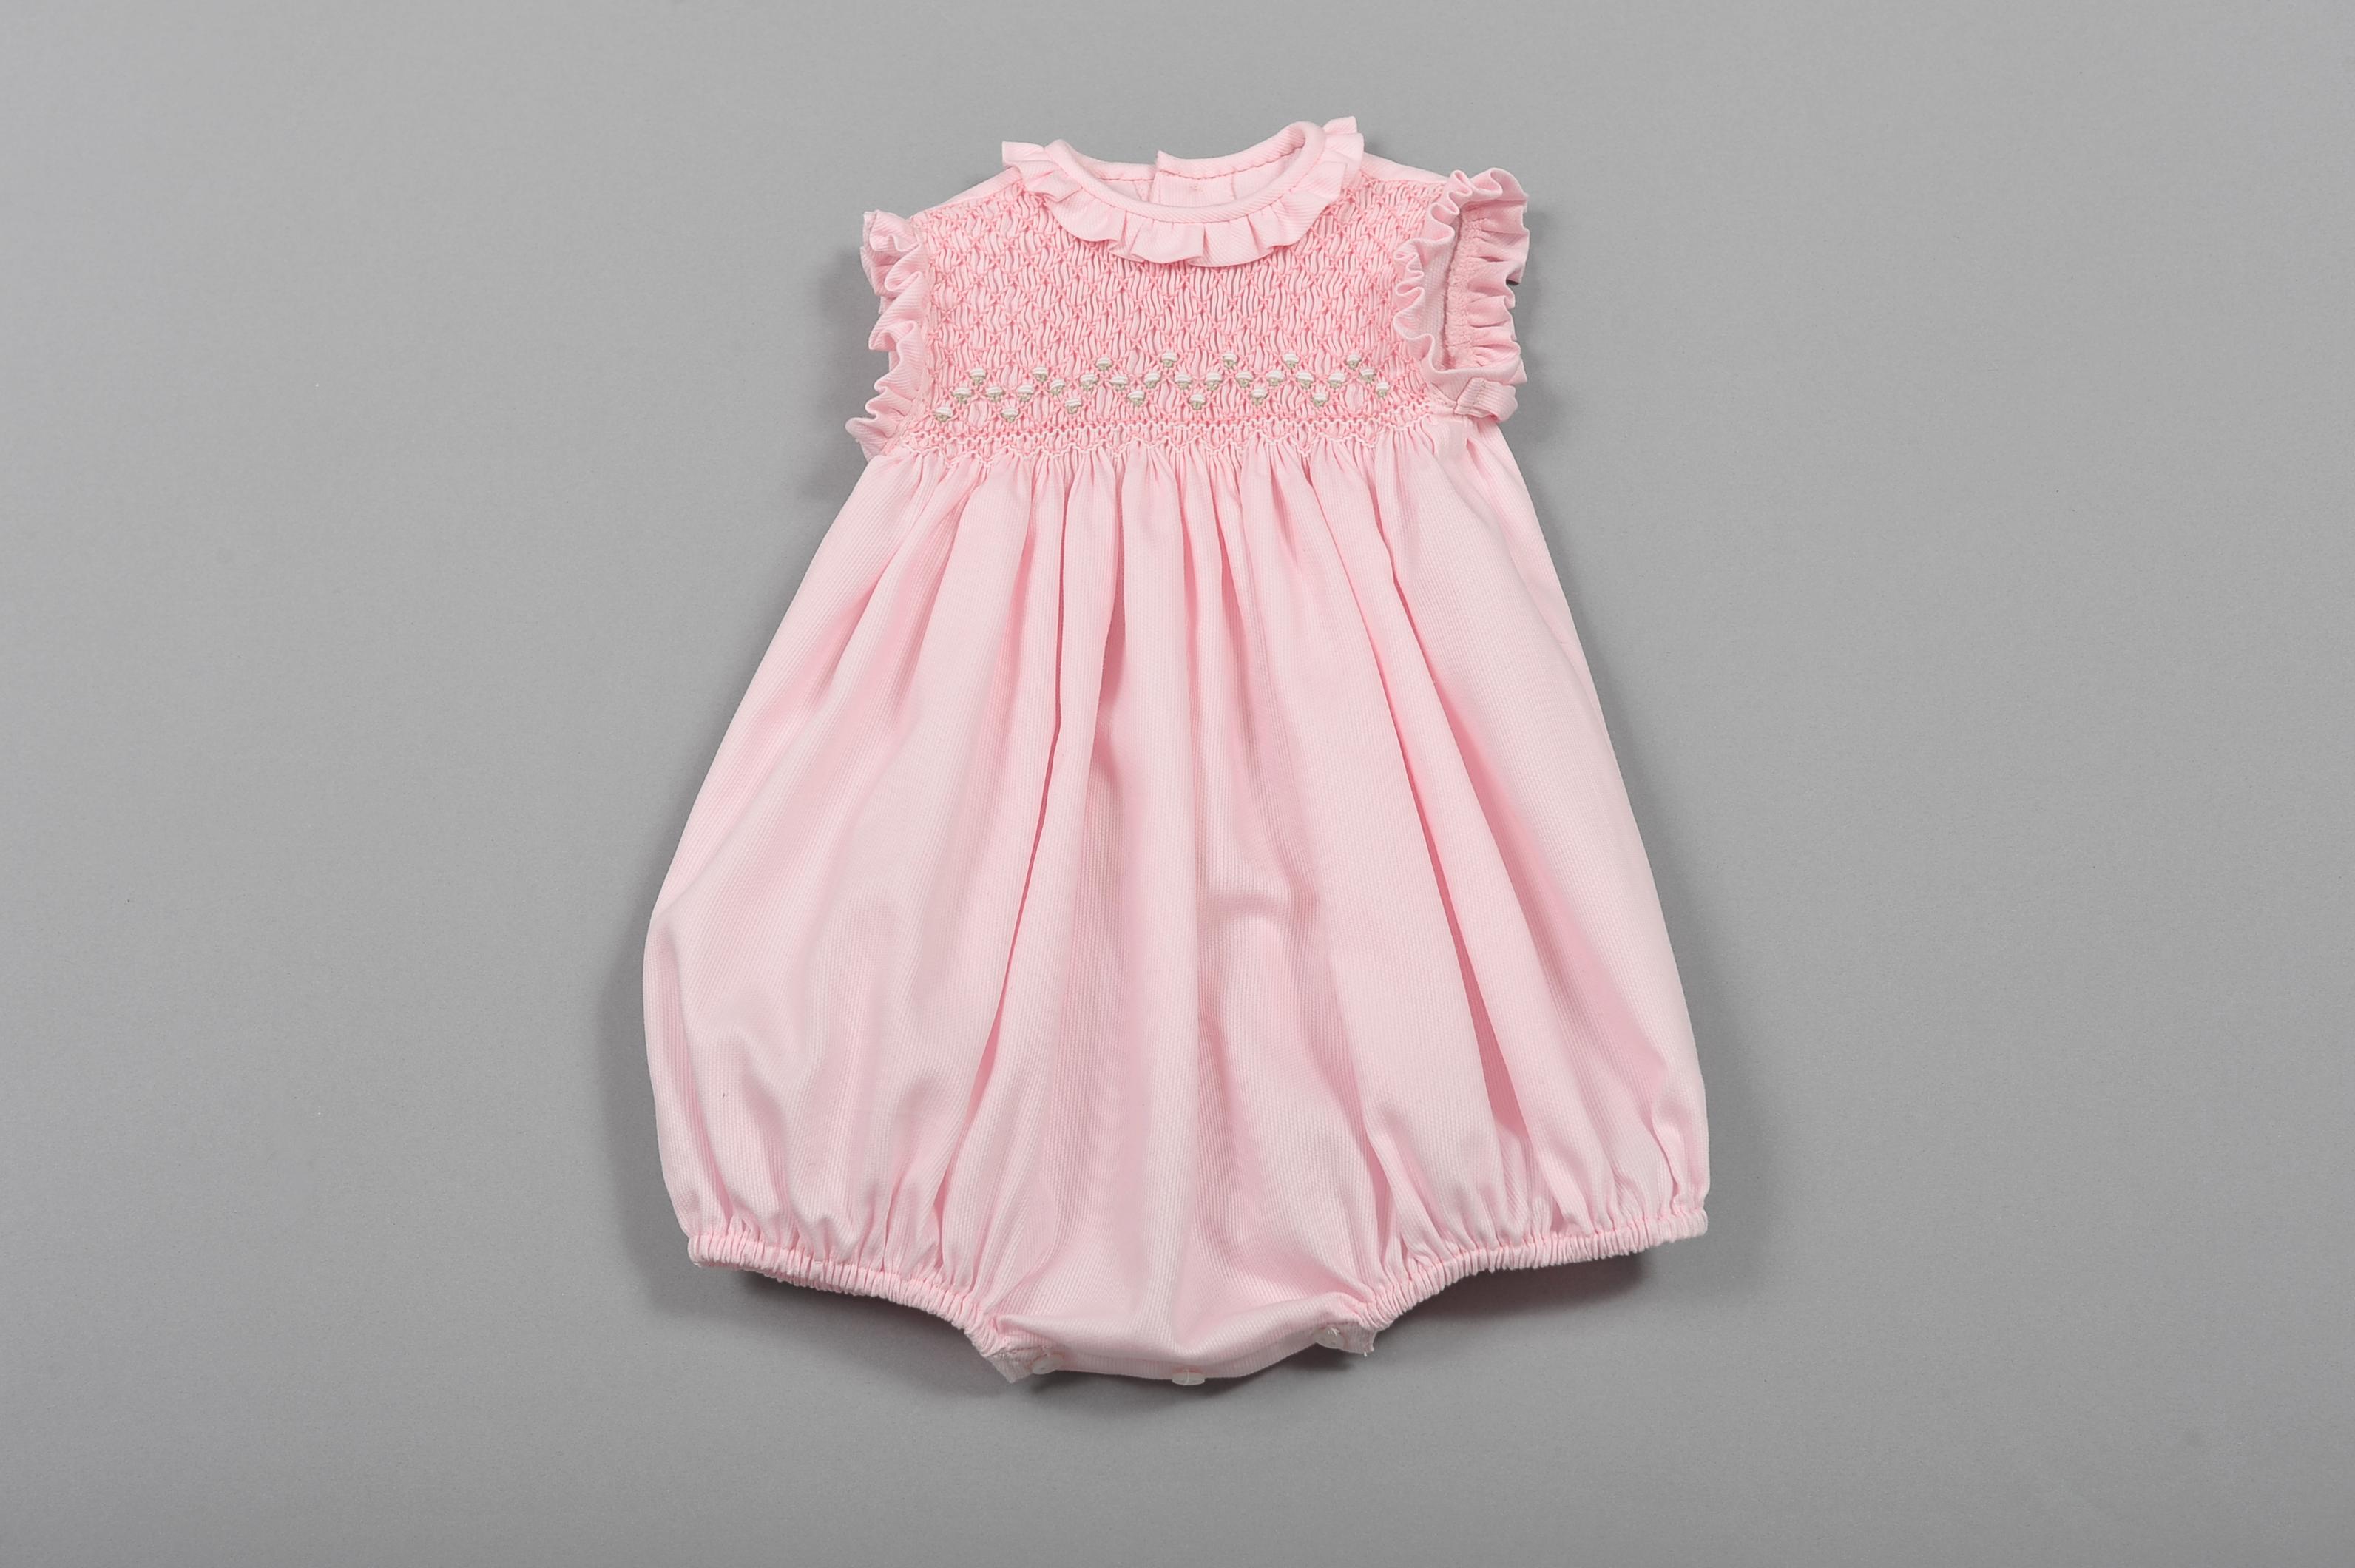 Conosciuto Neonato - Pagliaccetto - BabyLucy. Abiti su misura per bambini e  SL95